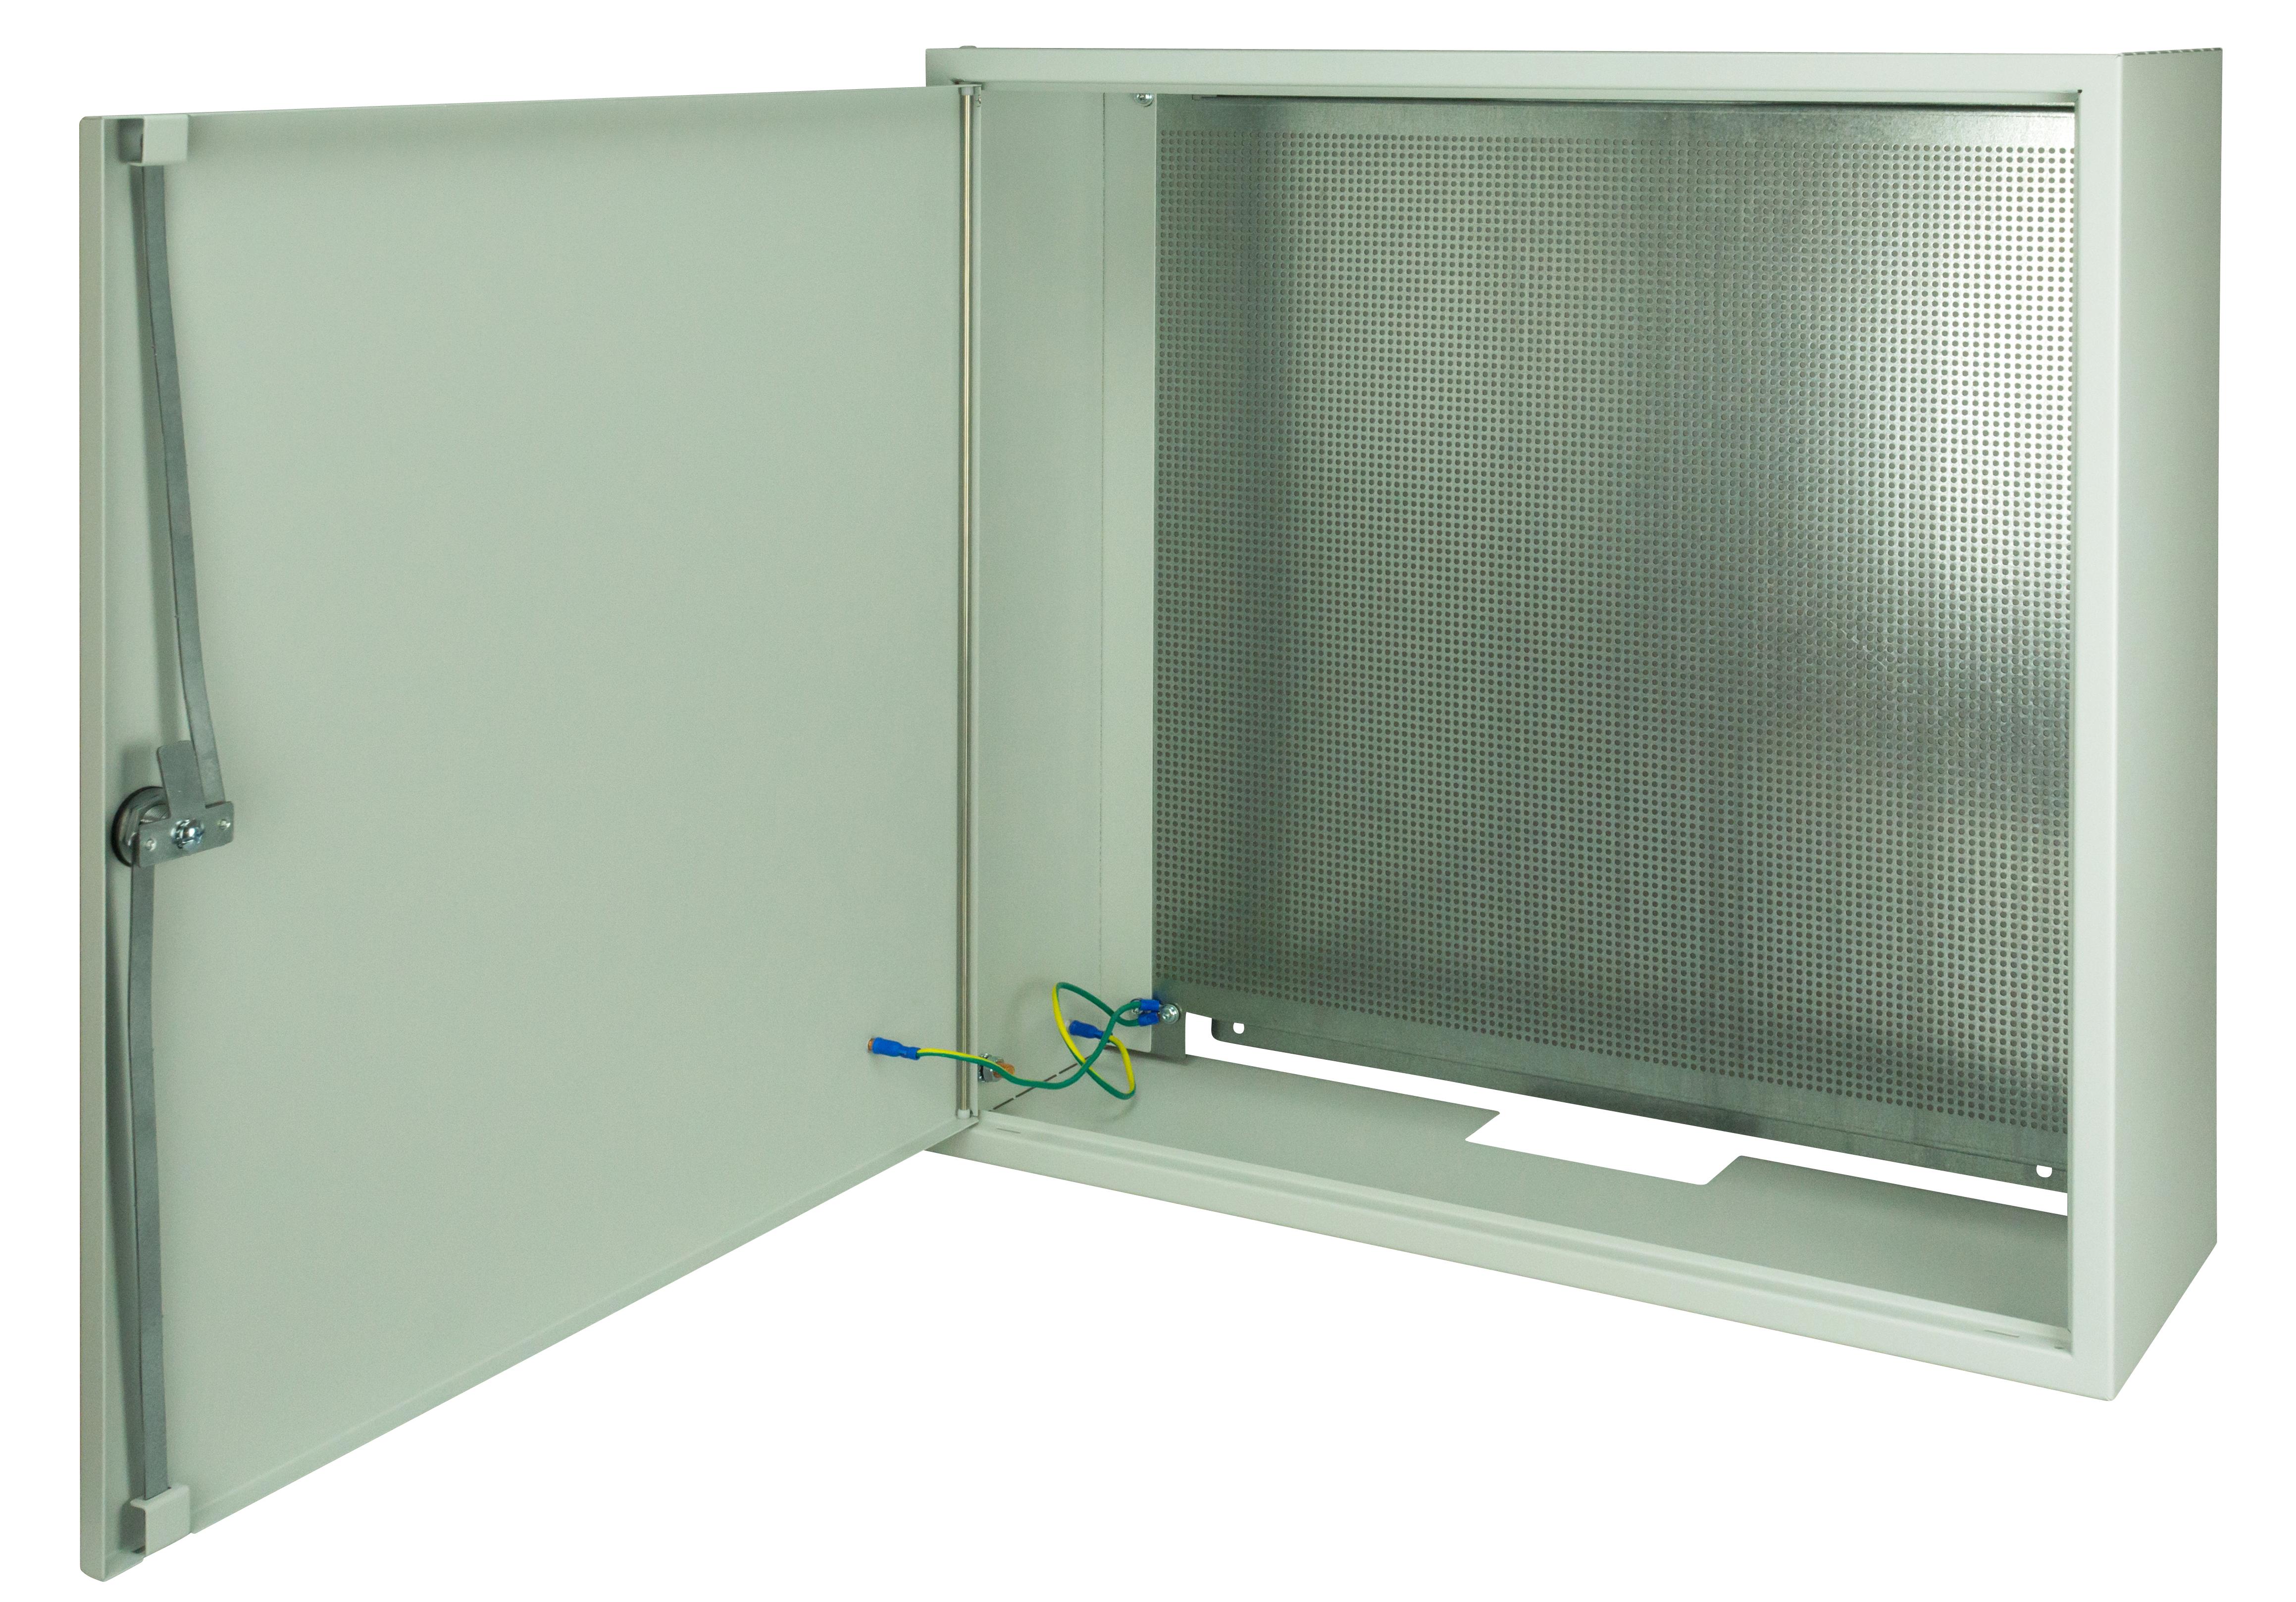 1 Stk SAT Gehäuse Stahl, Loch-Montageplatte,3-Punkt,B600xH600xT200 HSATG662M-